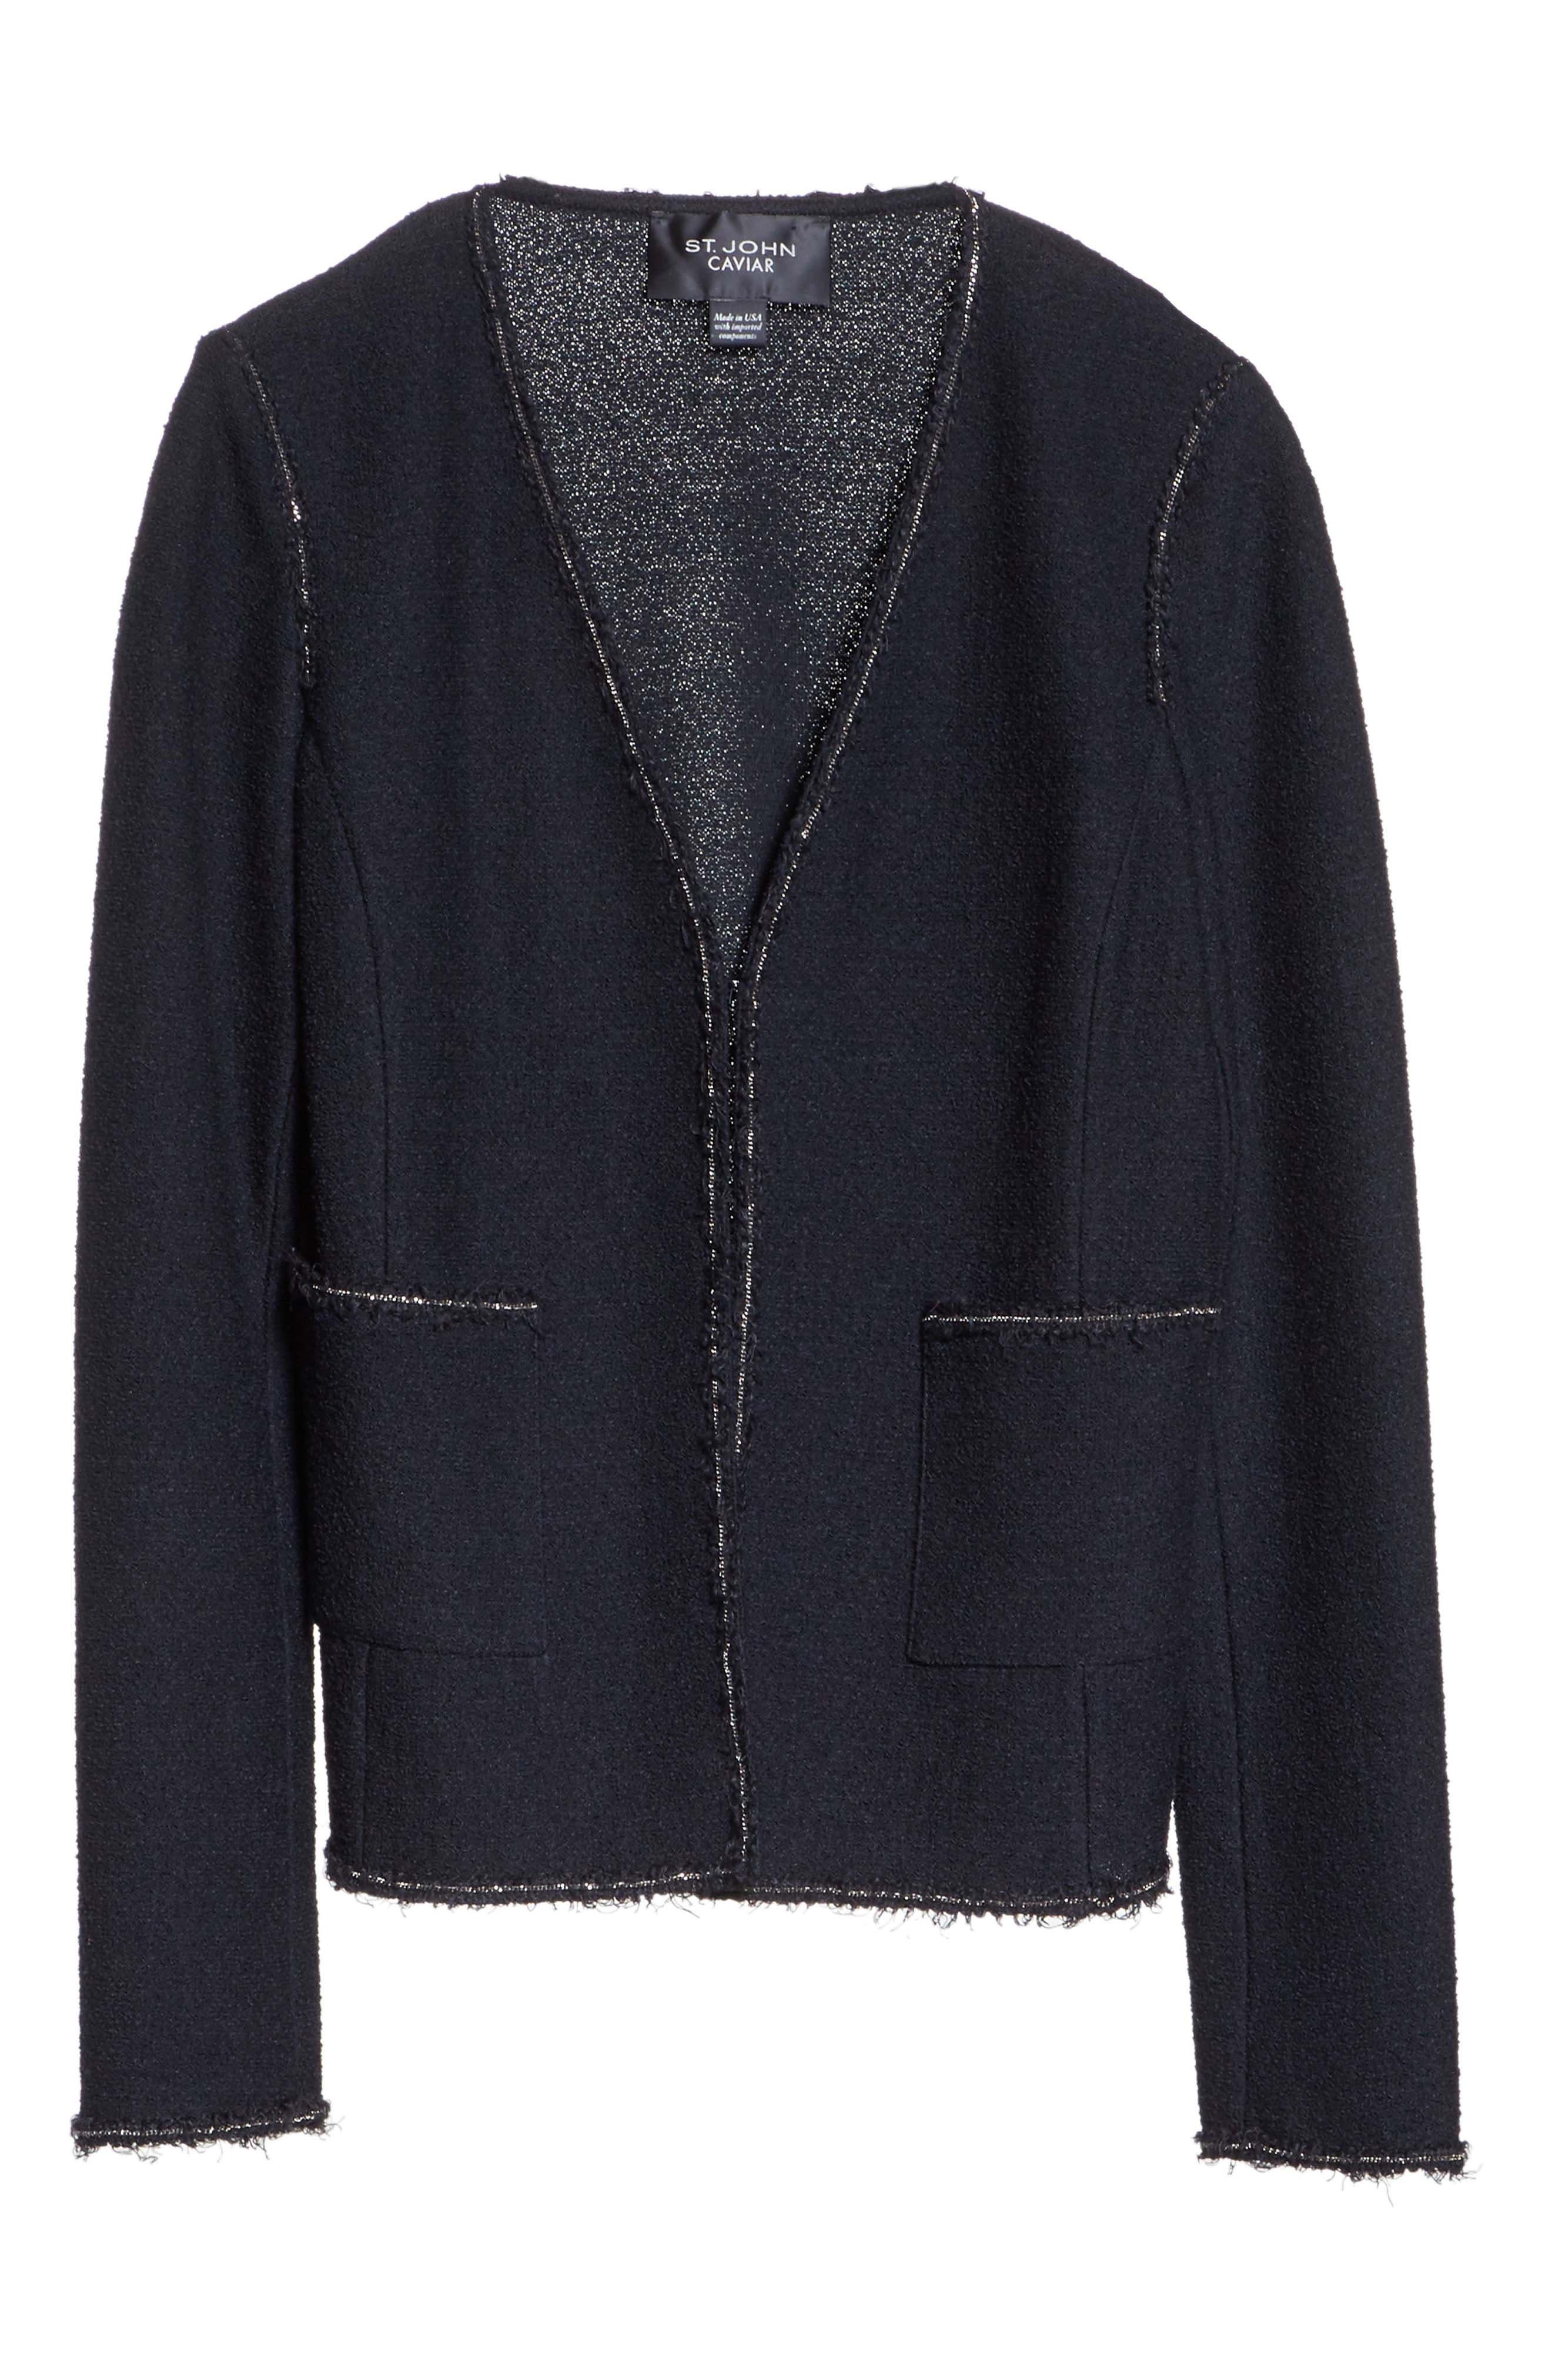 Bouclé Knit Jacket,                             Alternate thumbnail 7, color,                             Caviar